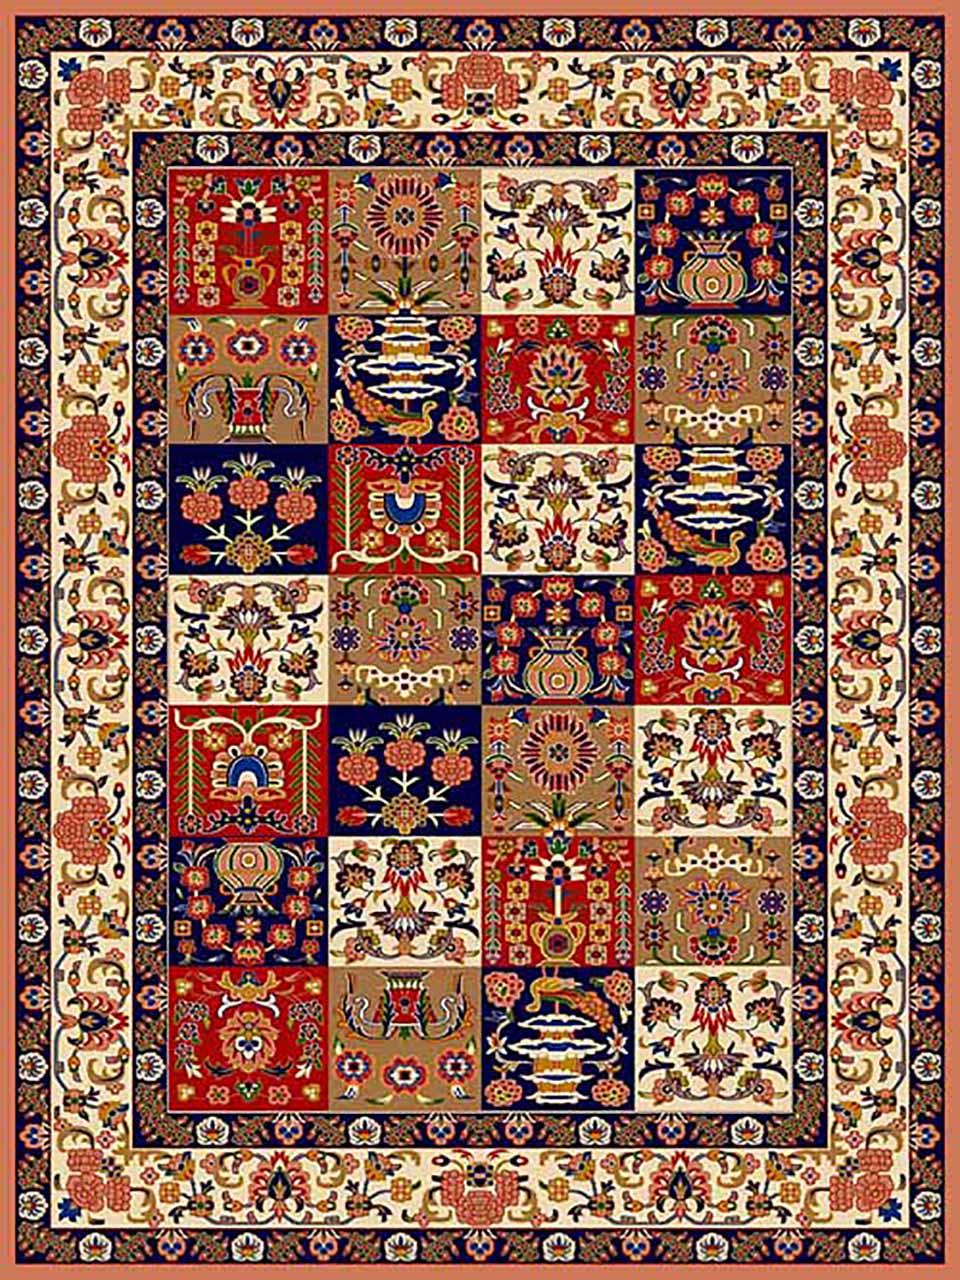 فرش (269) پلی پروپیلن - 8 رنگ - 320 شانه - صورتی - تراکم 960